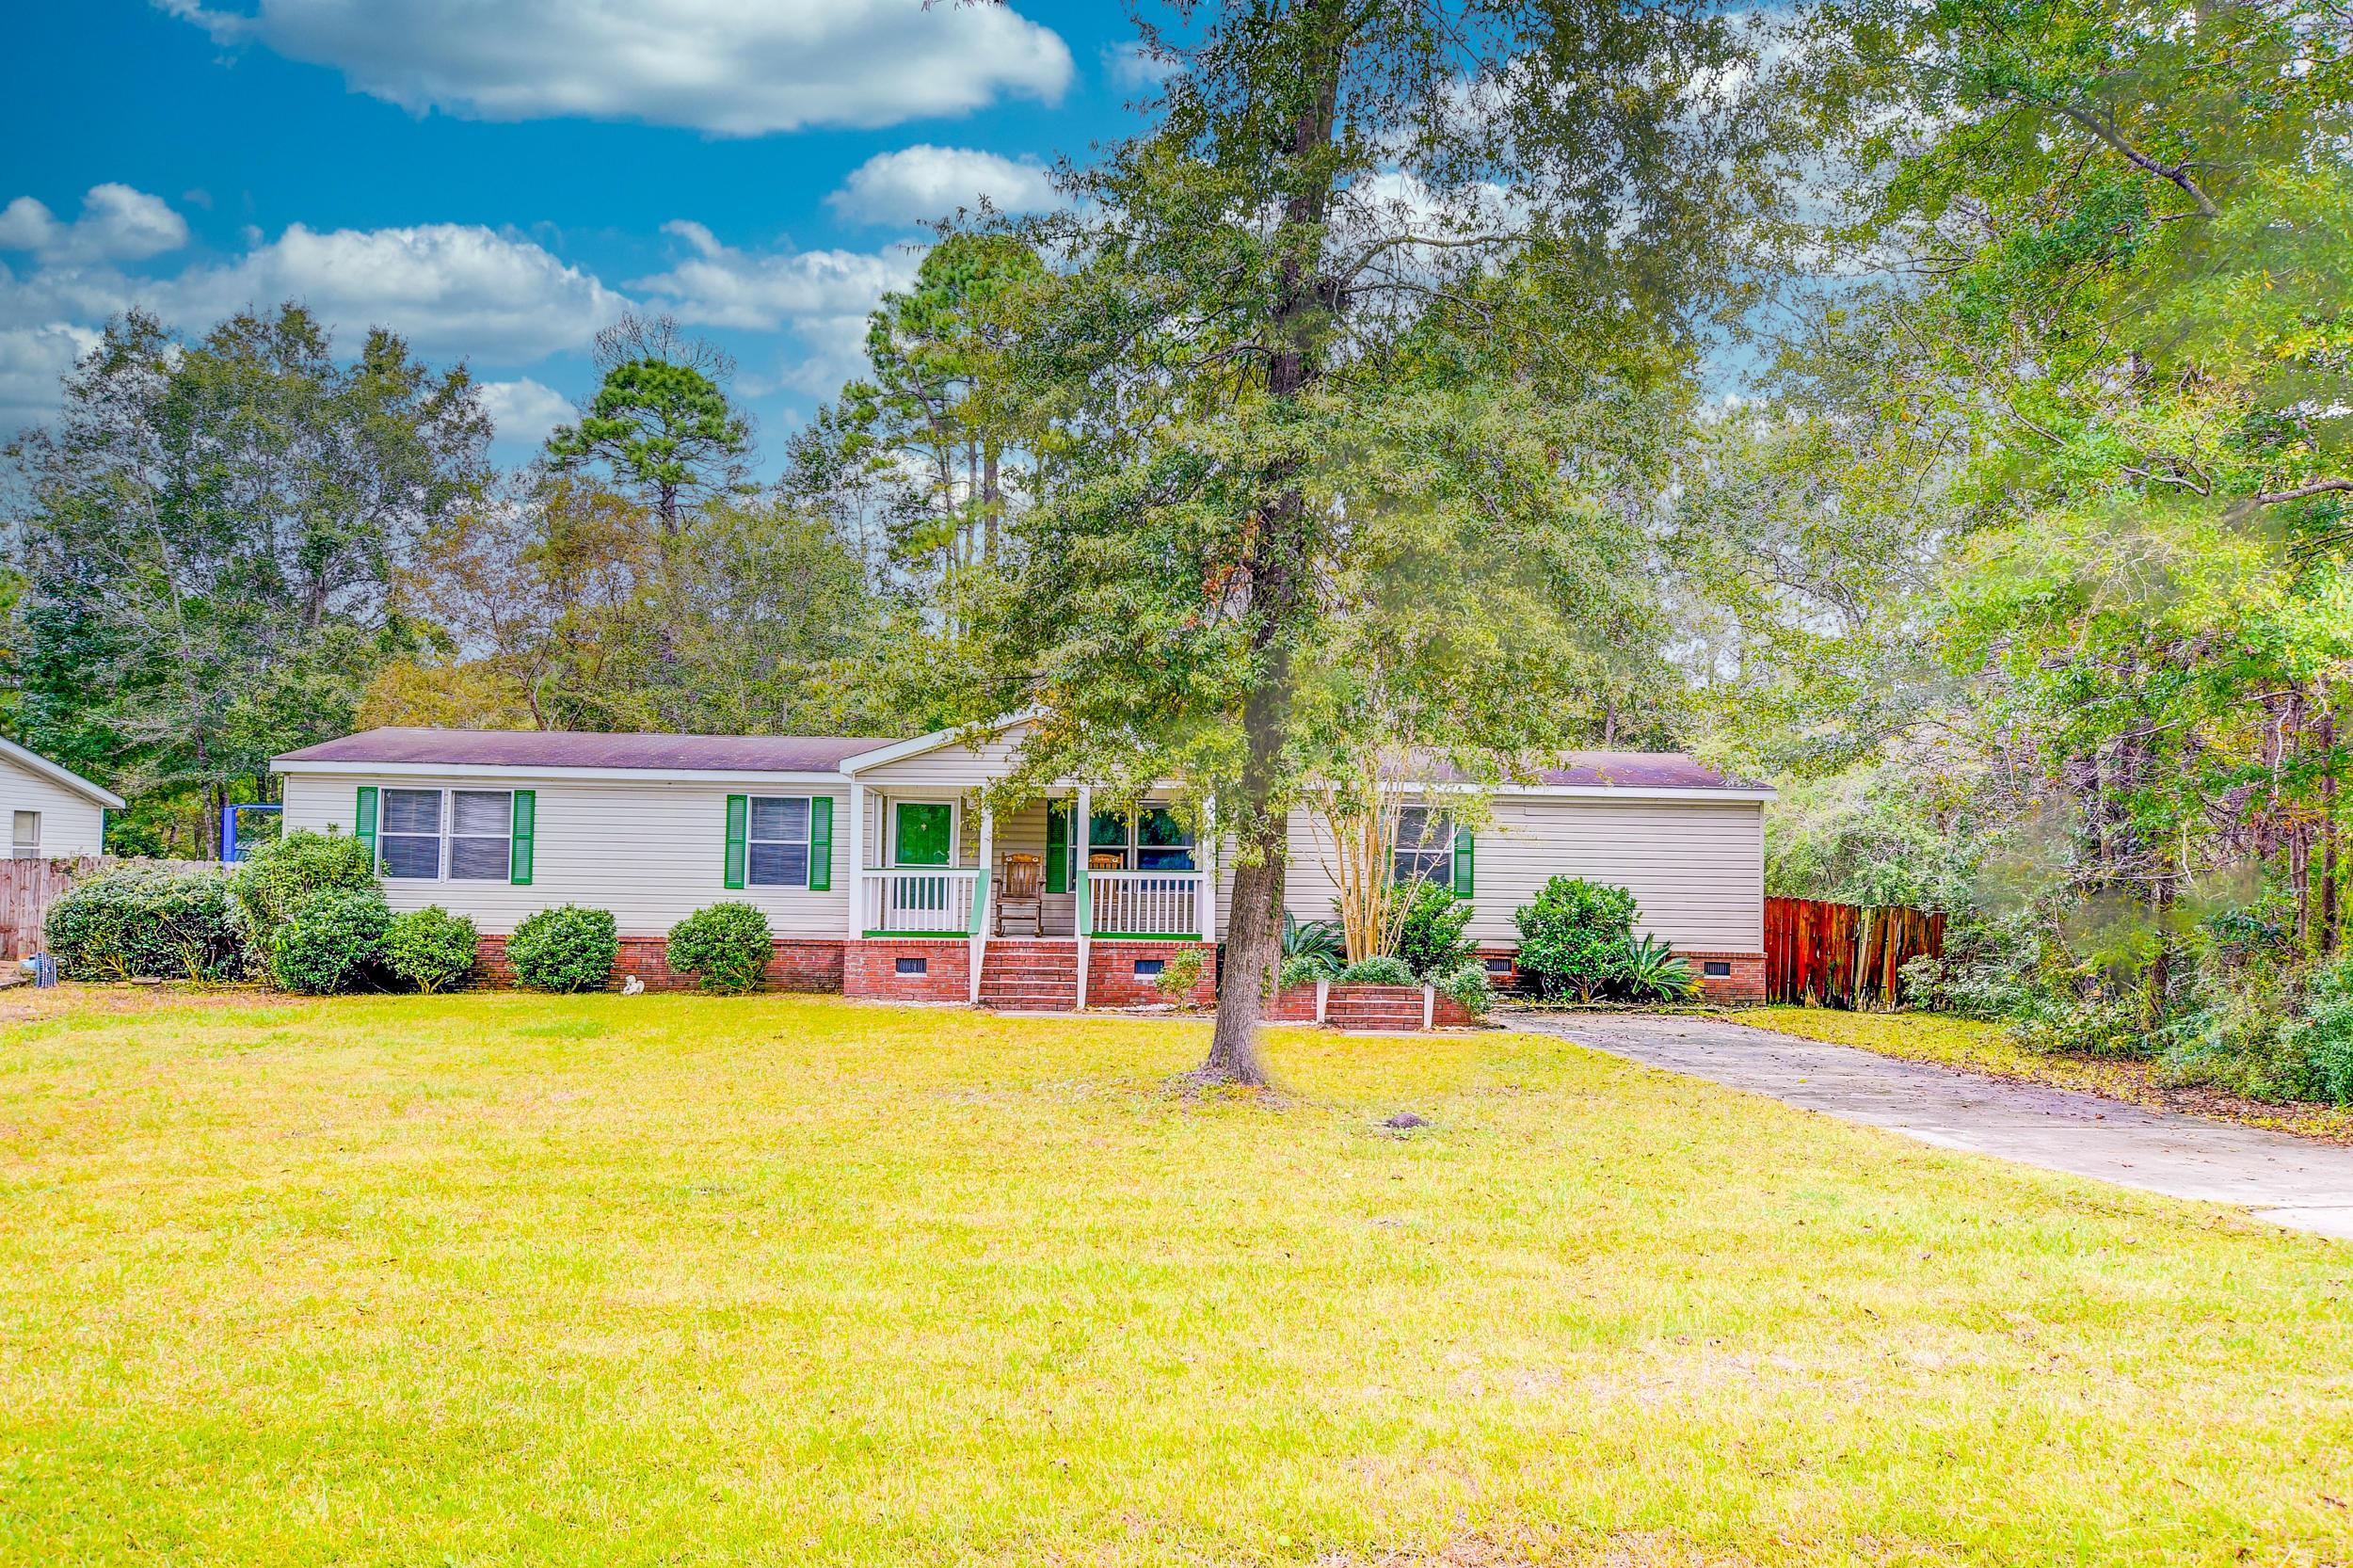 Clemson Terrace Homes For Sale - 123 Colkitt, Summerville, SC - 5